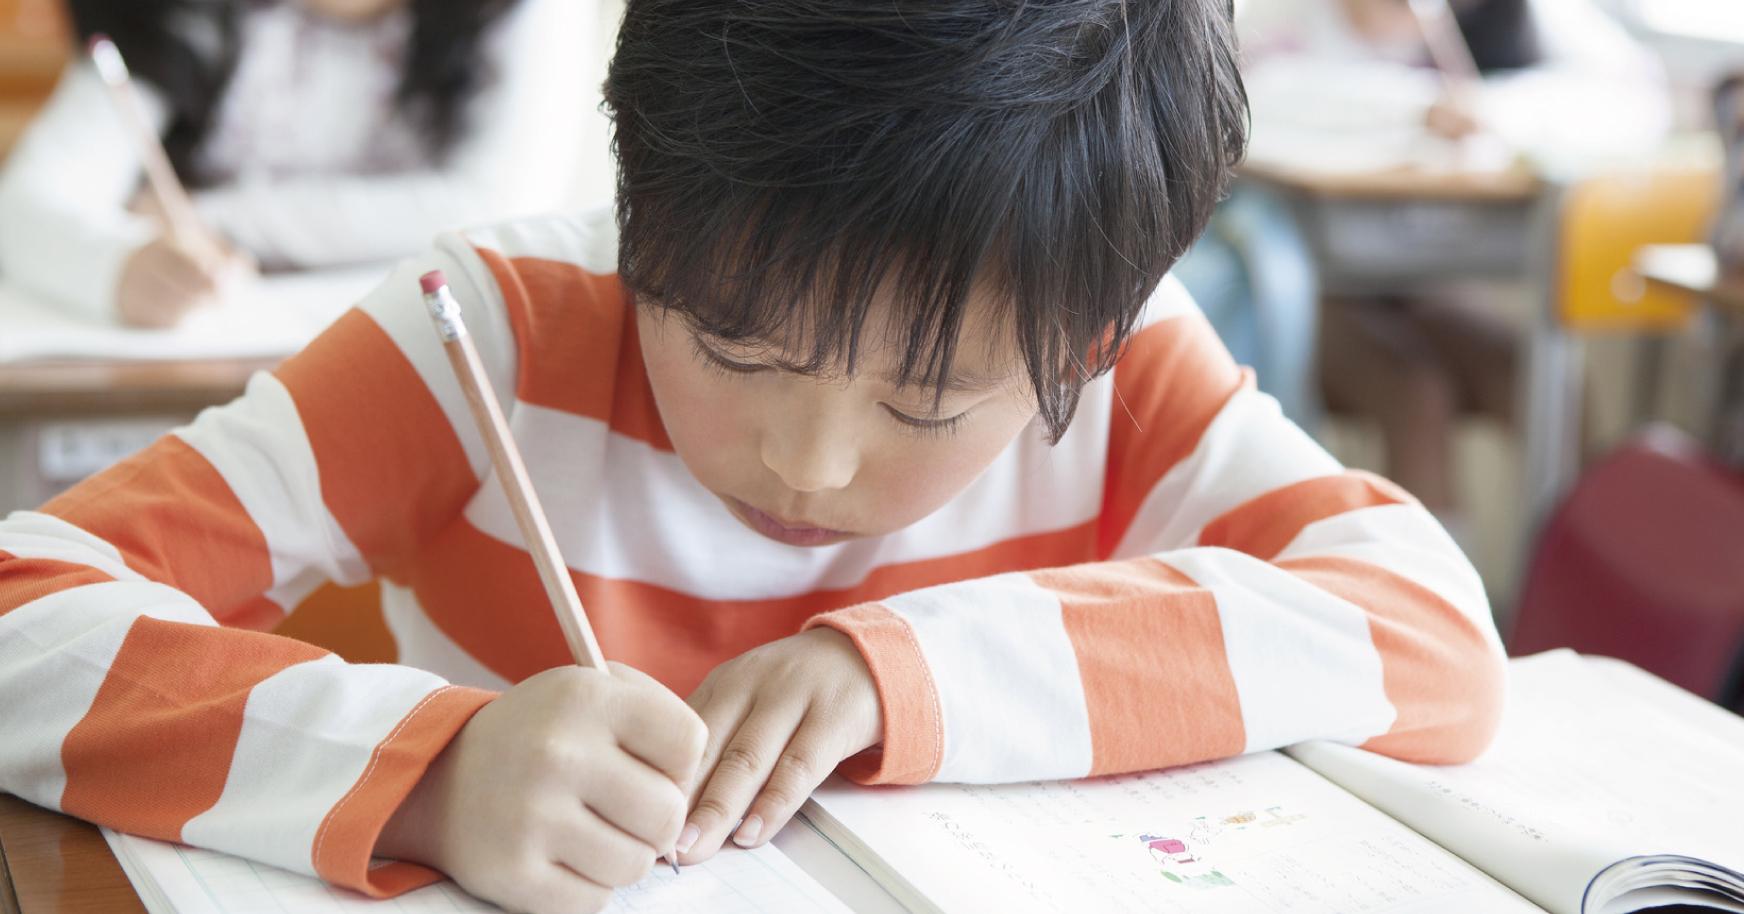 「瞑想」で成績アップ!?「集中力のある子」を育てる「脳の休ませ方」とは?